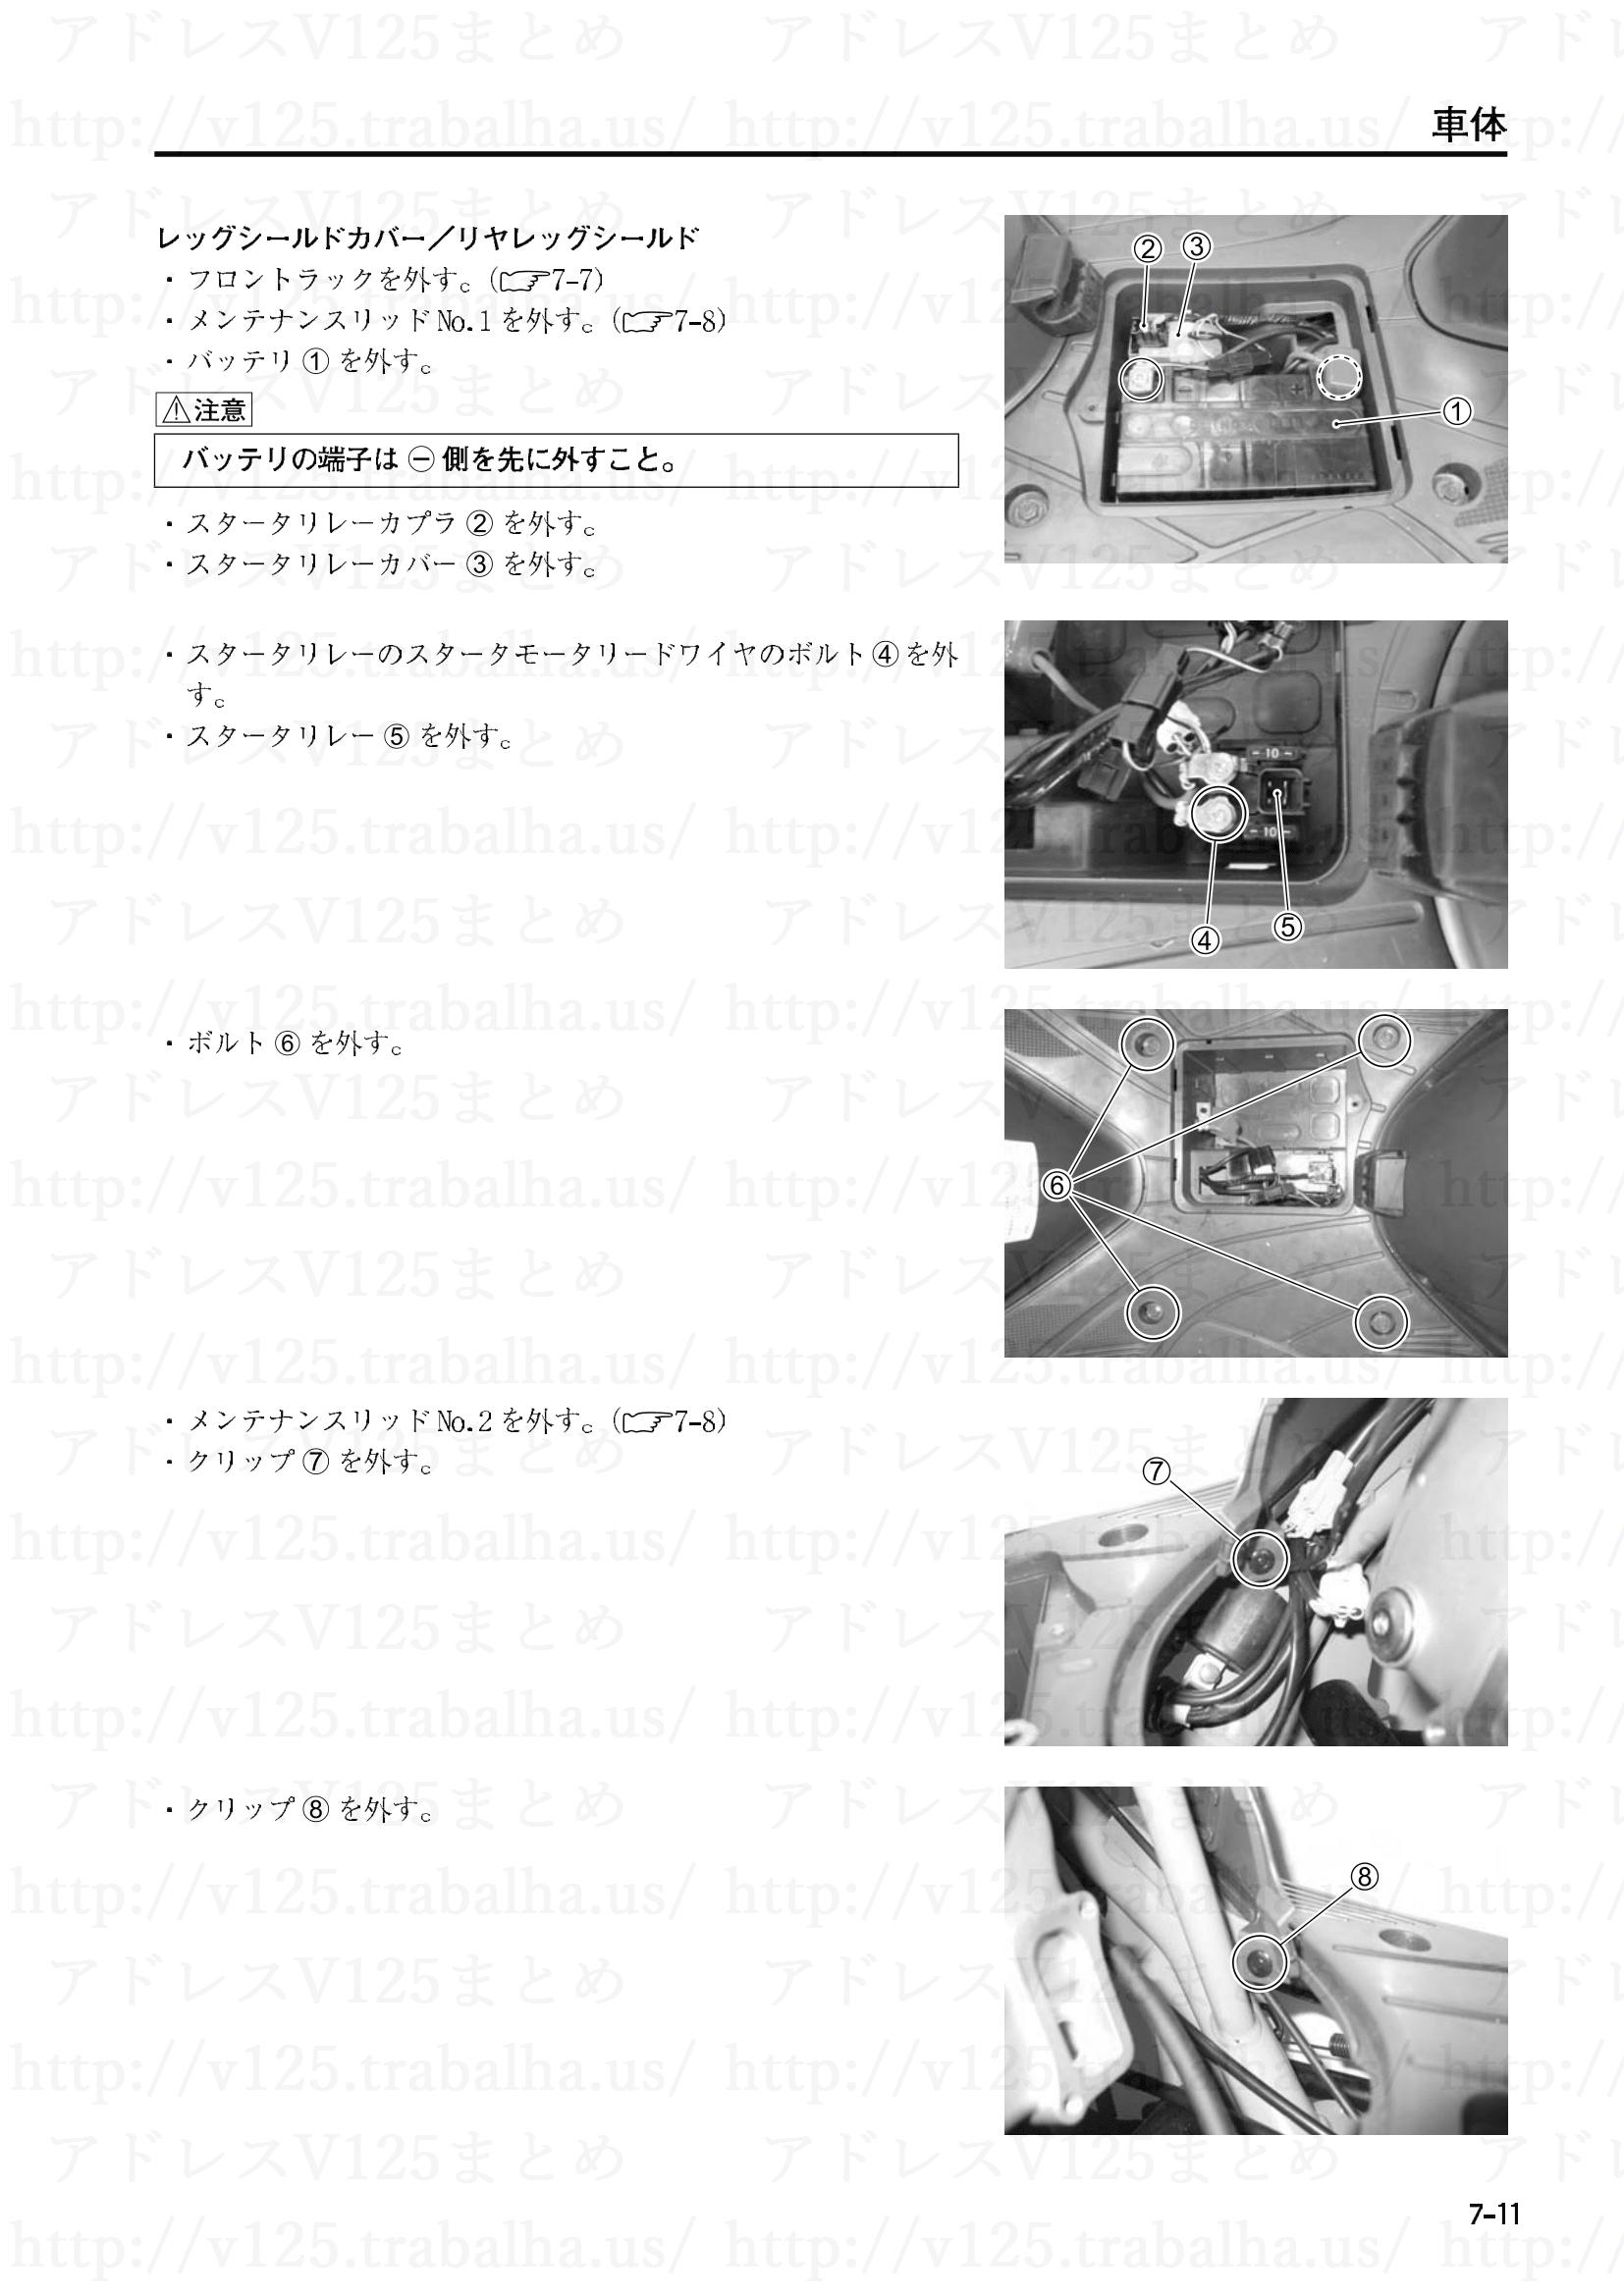 7-11【車体】レッグシールドカバー/リヤレッグシールドの取外し1